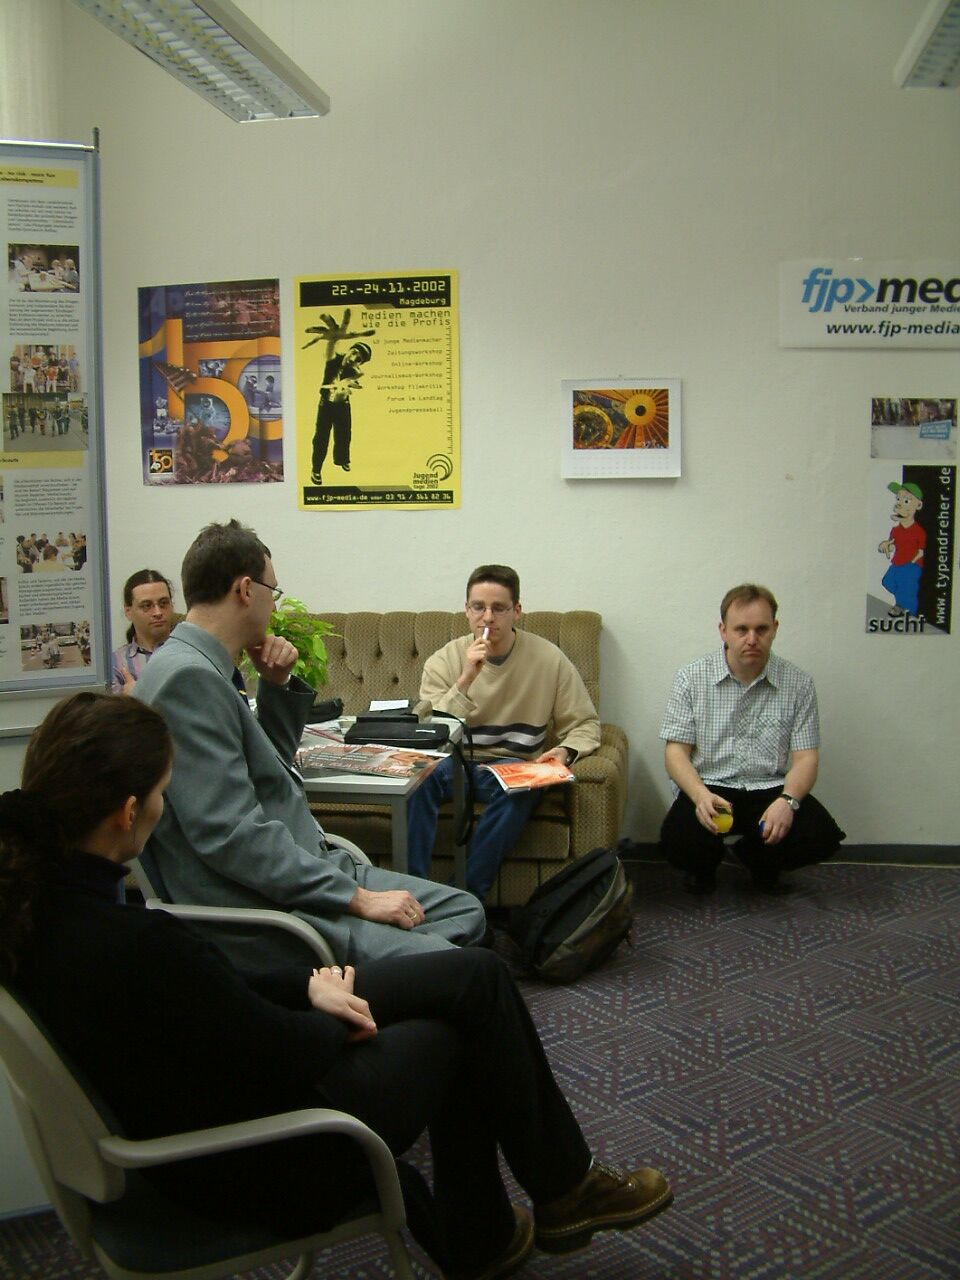 Eröffnung des fjp>media-Infopunktes bei der AOK in Halle